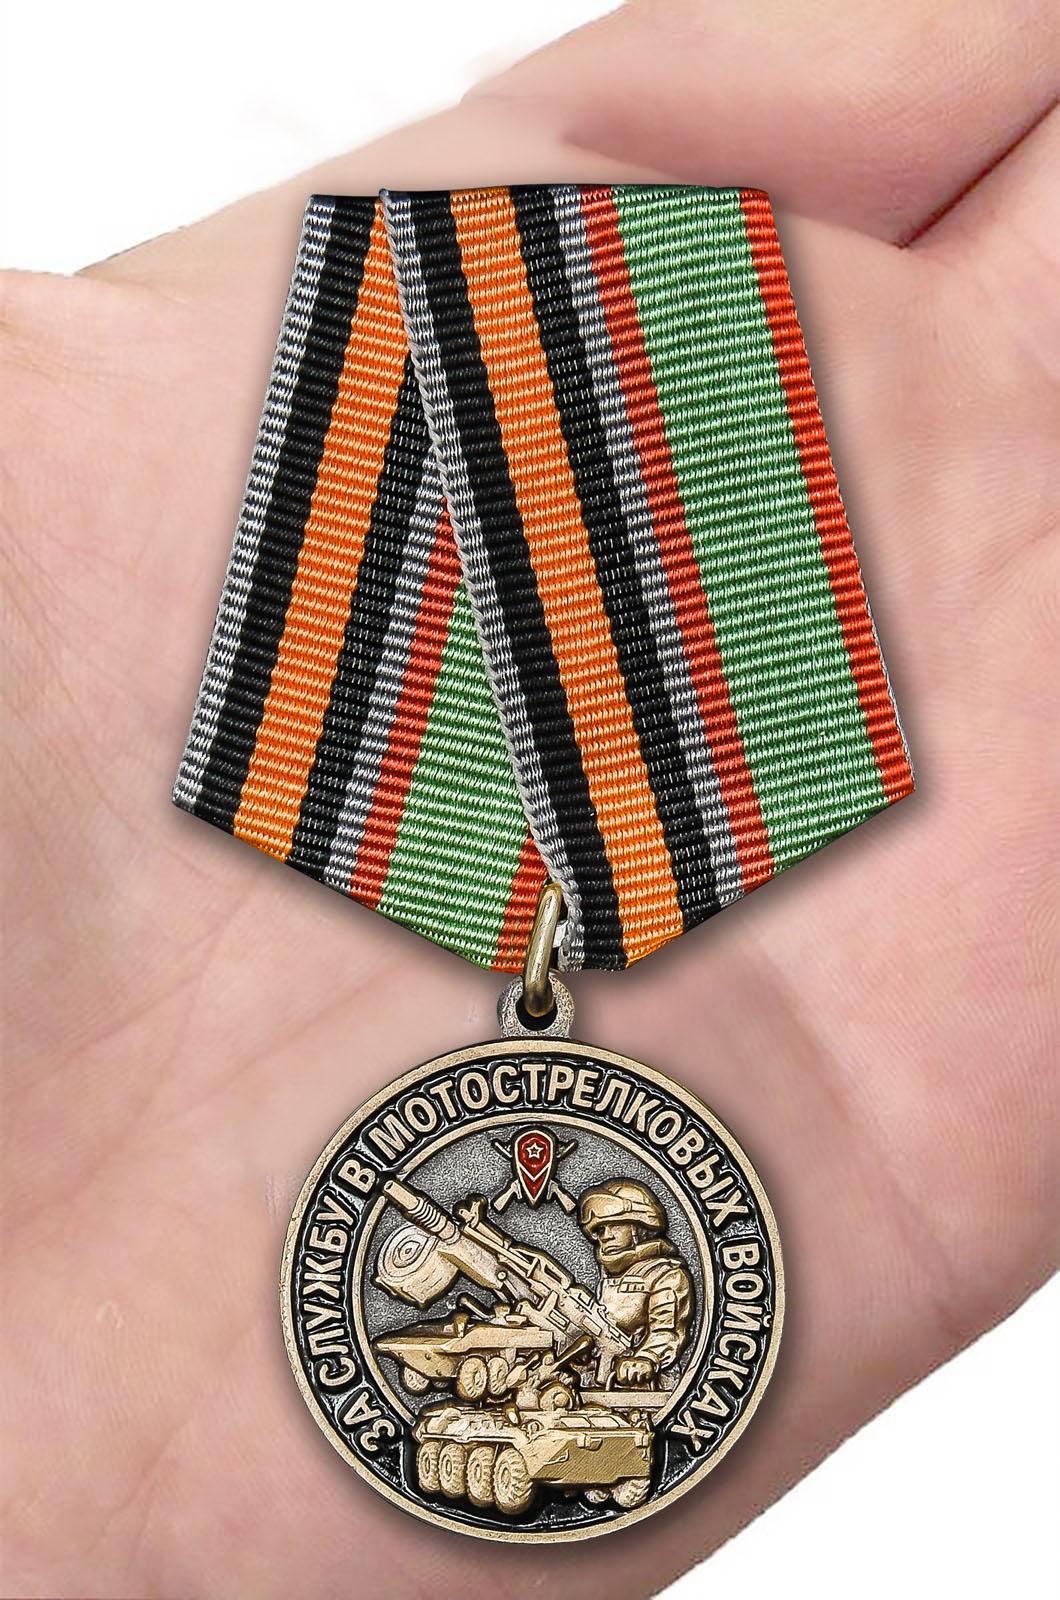 Наградная медаль За службу в Мотострелковых войсках - вид на ладони